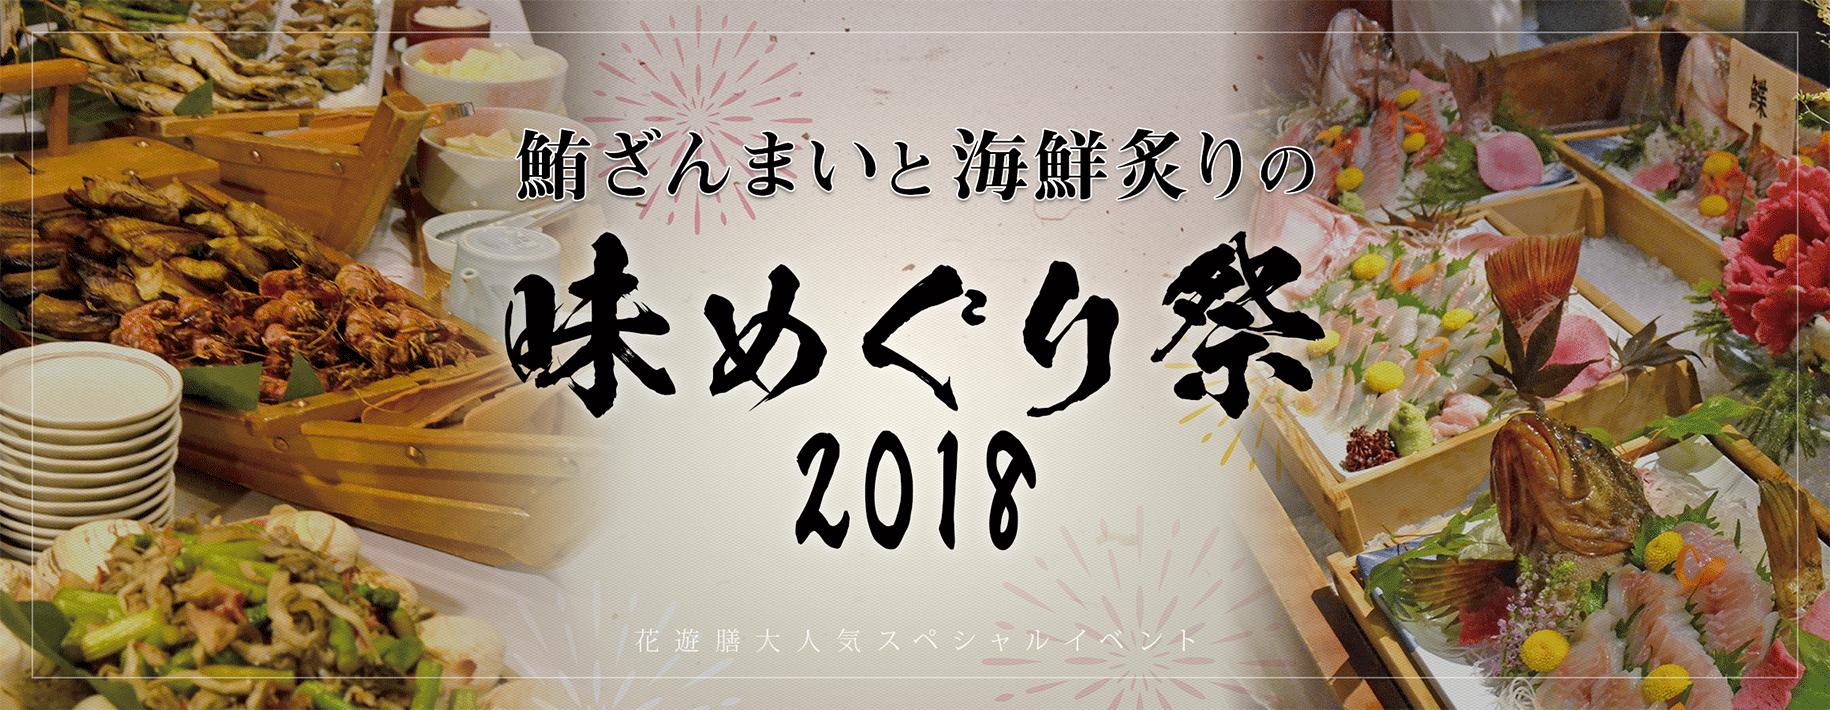 鮪ざんまいと海鮮炙りの味めぐり祭 2018